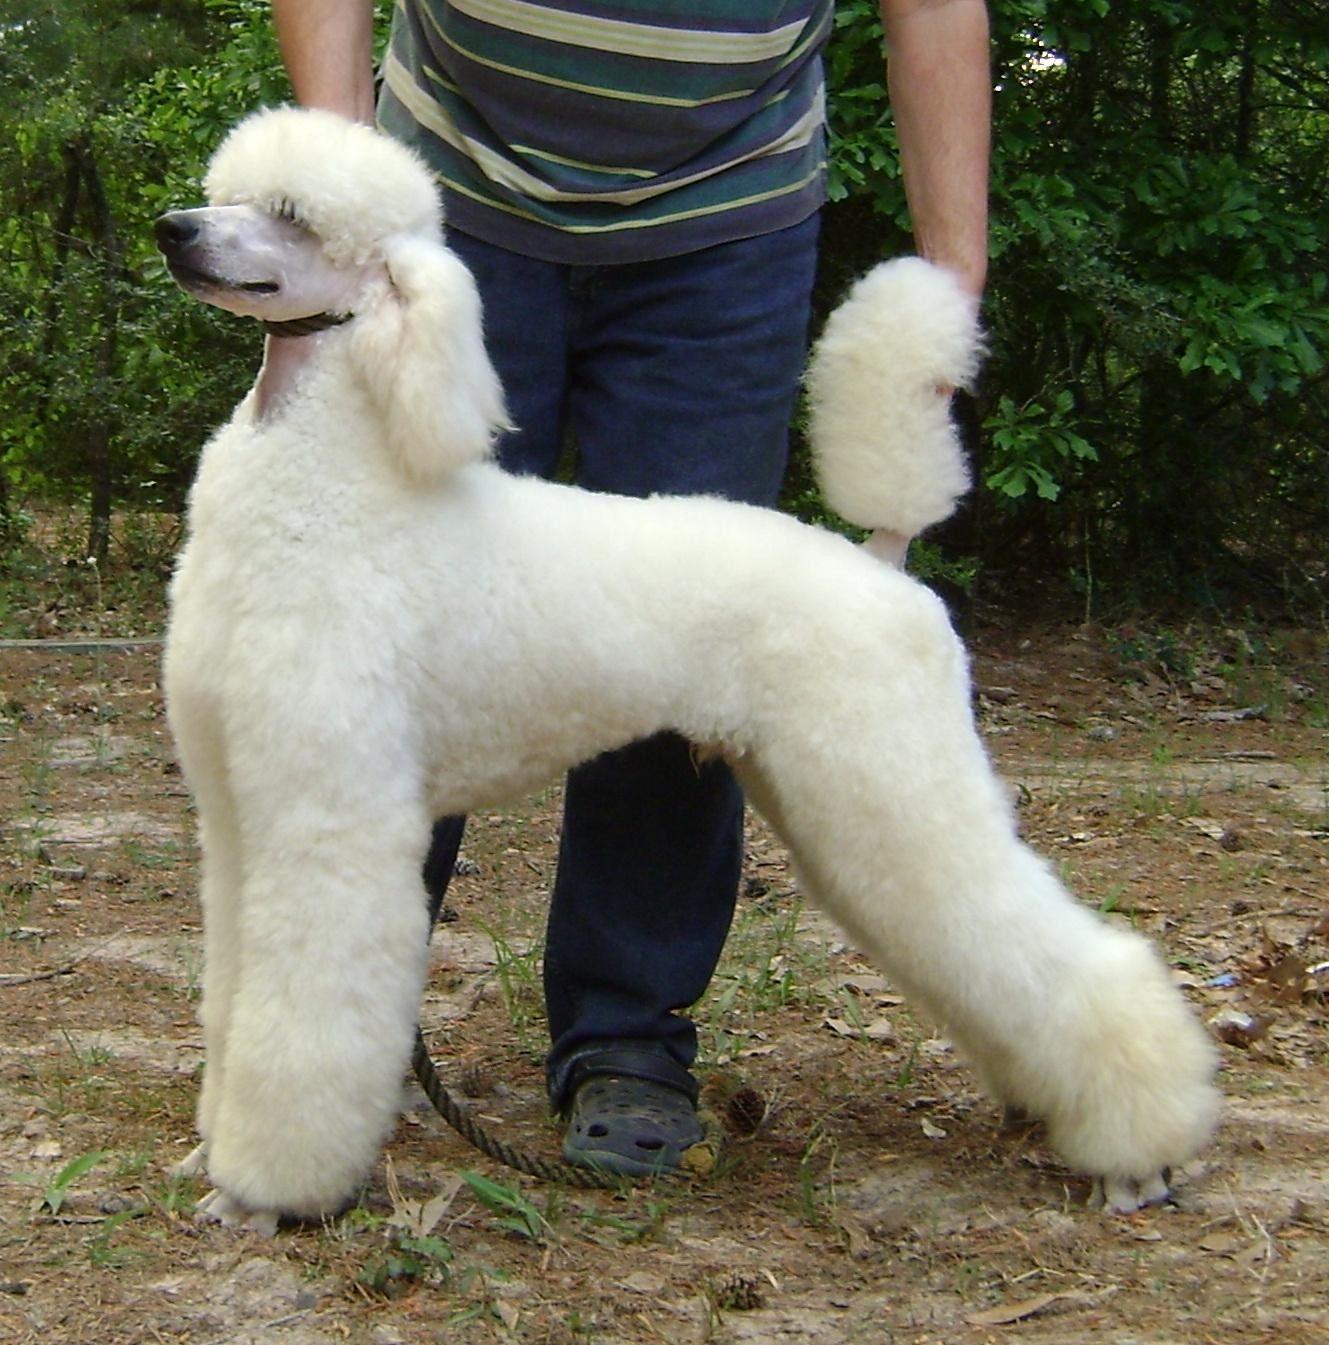 Standard White Donnchada Poodles Poodles Poodle